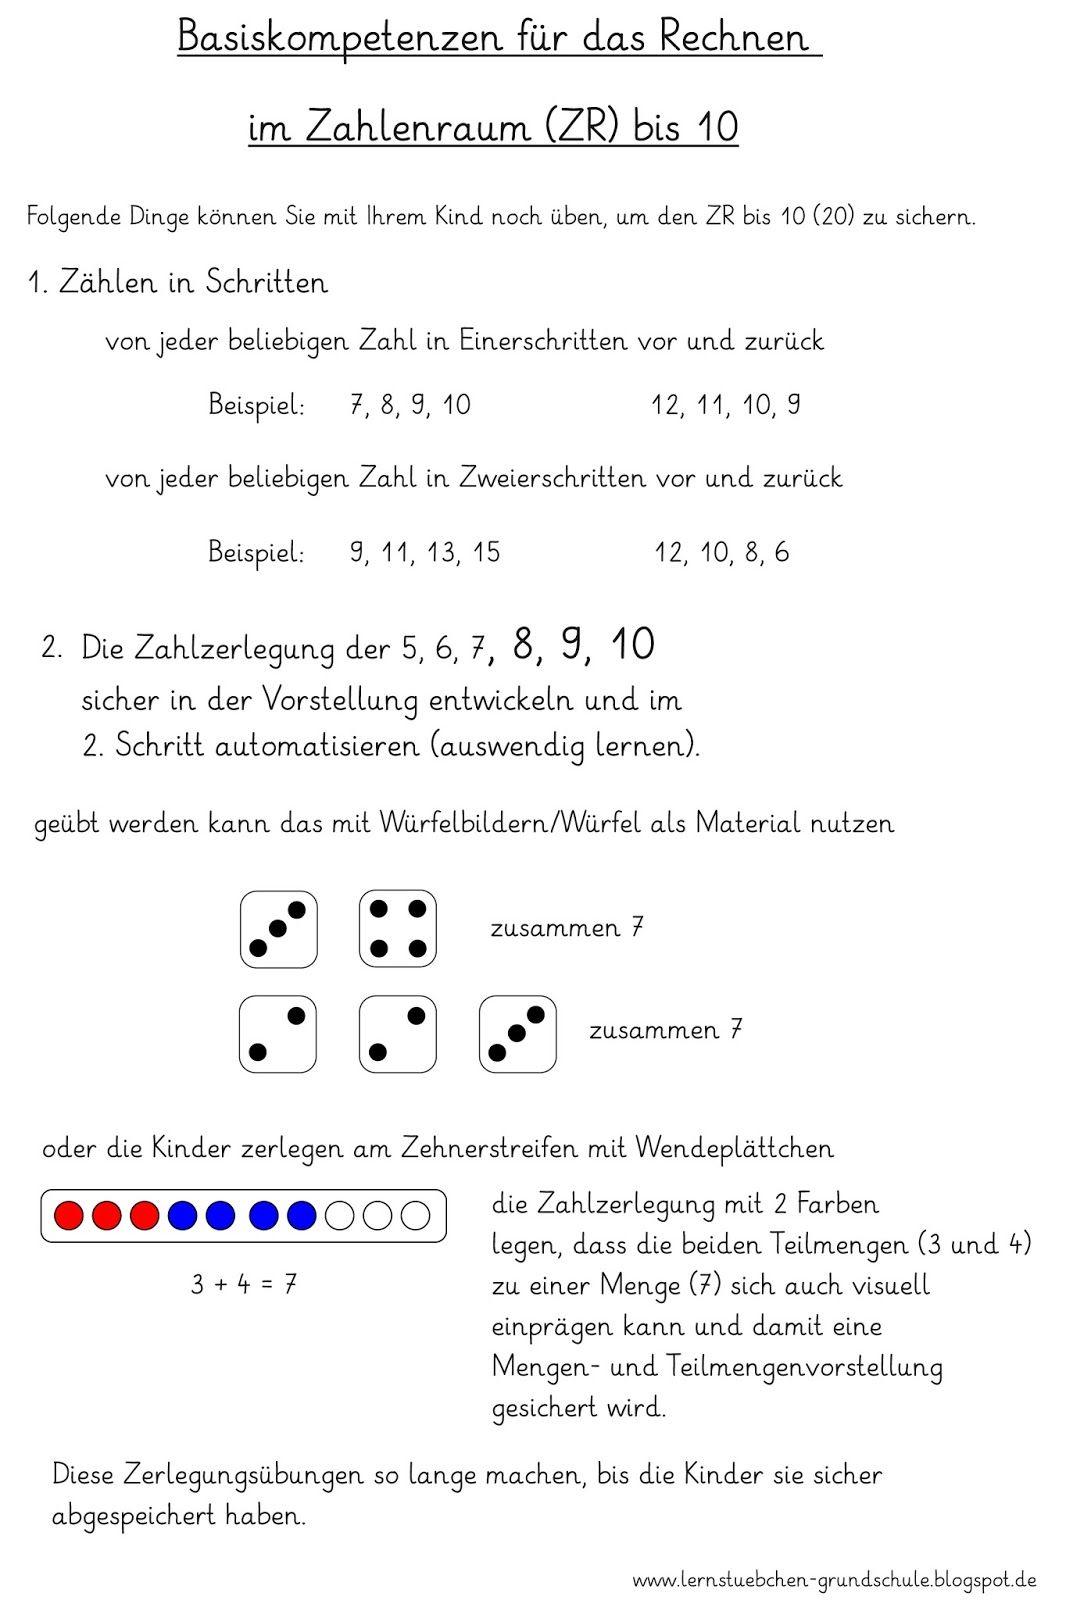 Lernstübchen: wenn der ZR bis 10 noch nicht gesichert ist...   Mathe ...